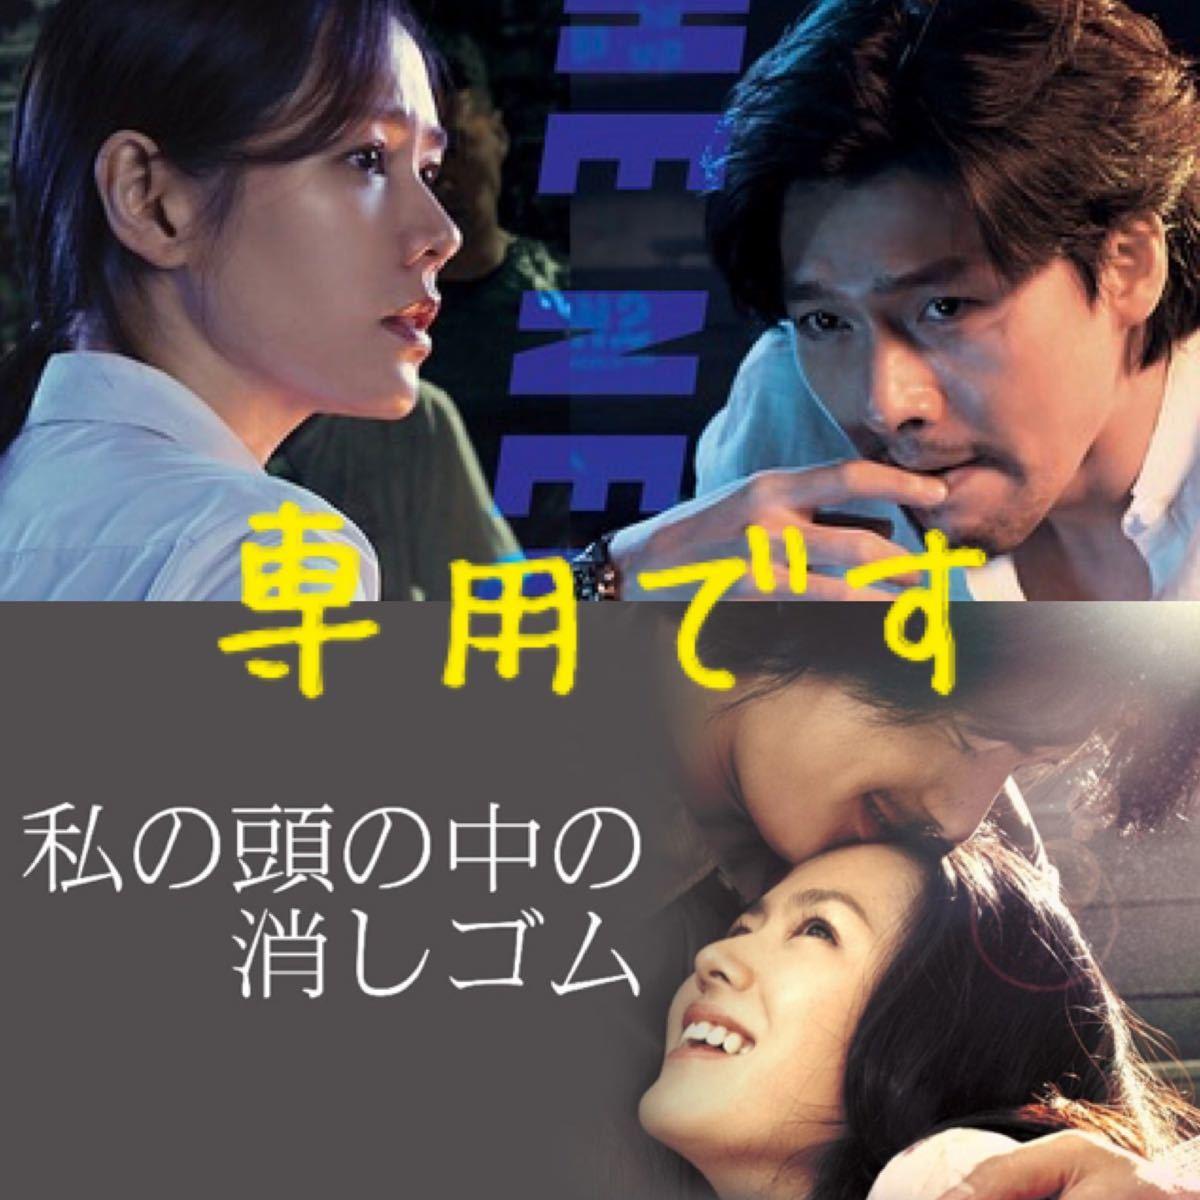 専用です。韓国映画 私の頭の中の消しゴム ソン・イェジン ネゴシエーション ヒョンビン DVD 2点セット